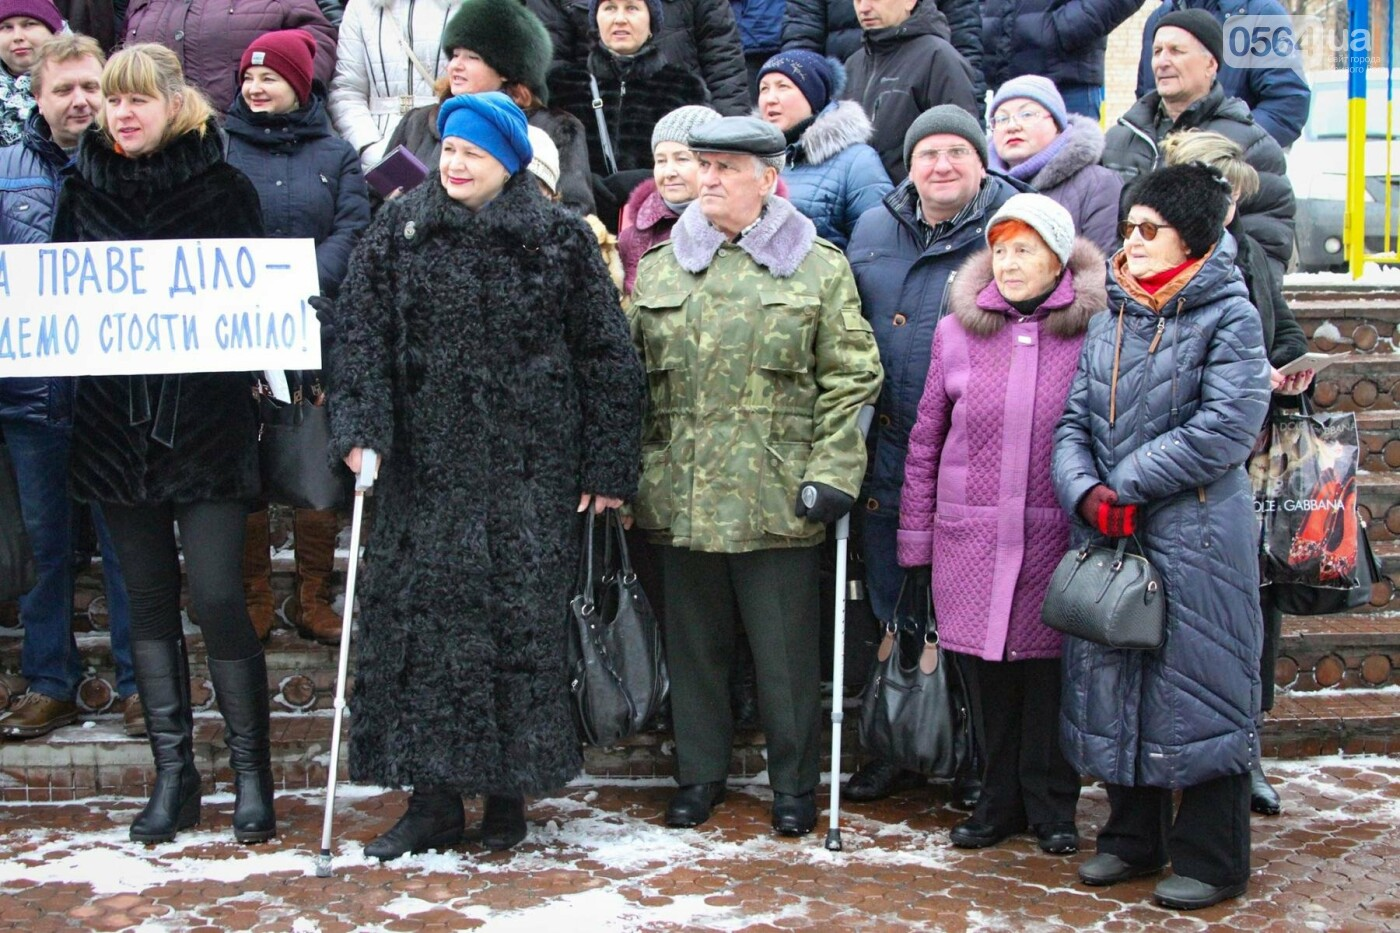 """""""За праве діло - будемо стояти сміло!"""": сотрудники КривбасПВС продолжают отстаивать госпредприятие и главного инженера  (ФОТО, ВИДЕО), фото-8"""